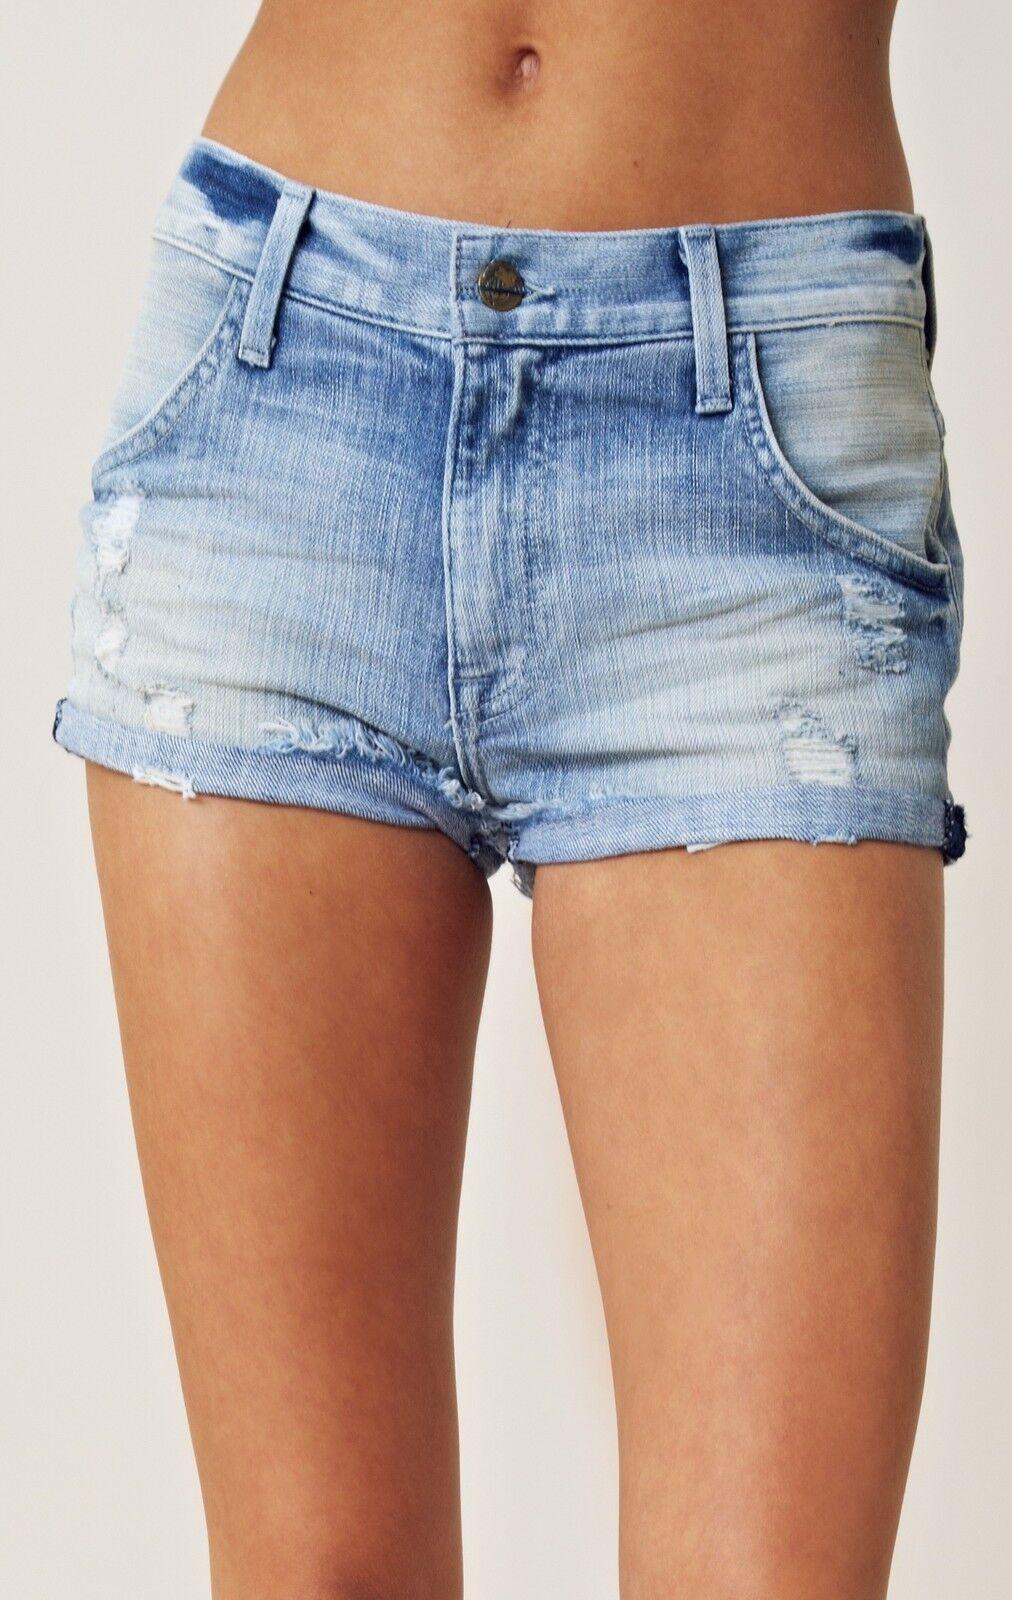 Wildfox Couture Vintage Retro bluee Michelle Secret High Waist Jeans Denim Shorts